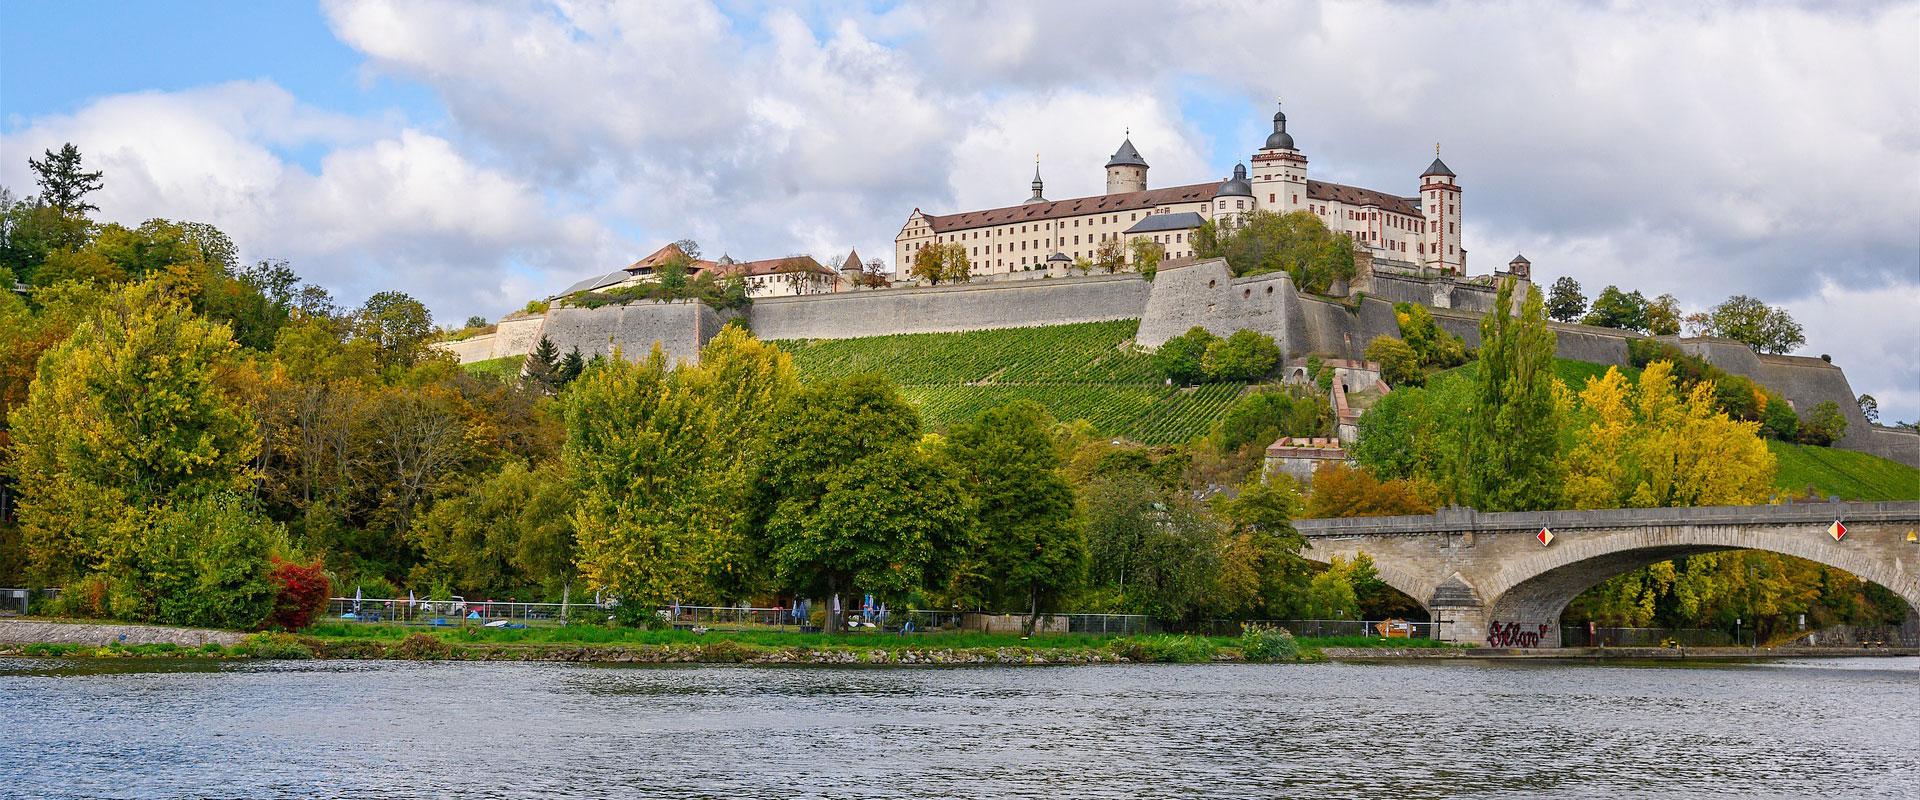 Fränkisches Weinland - Würzburg